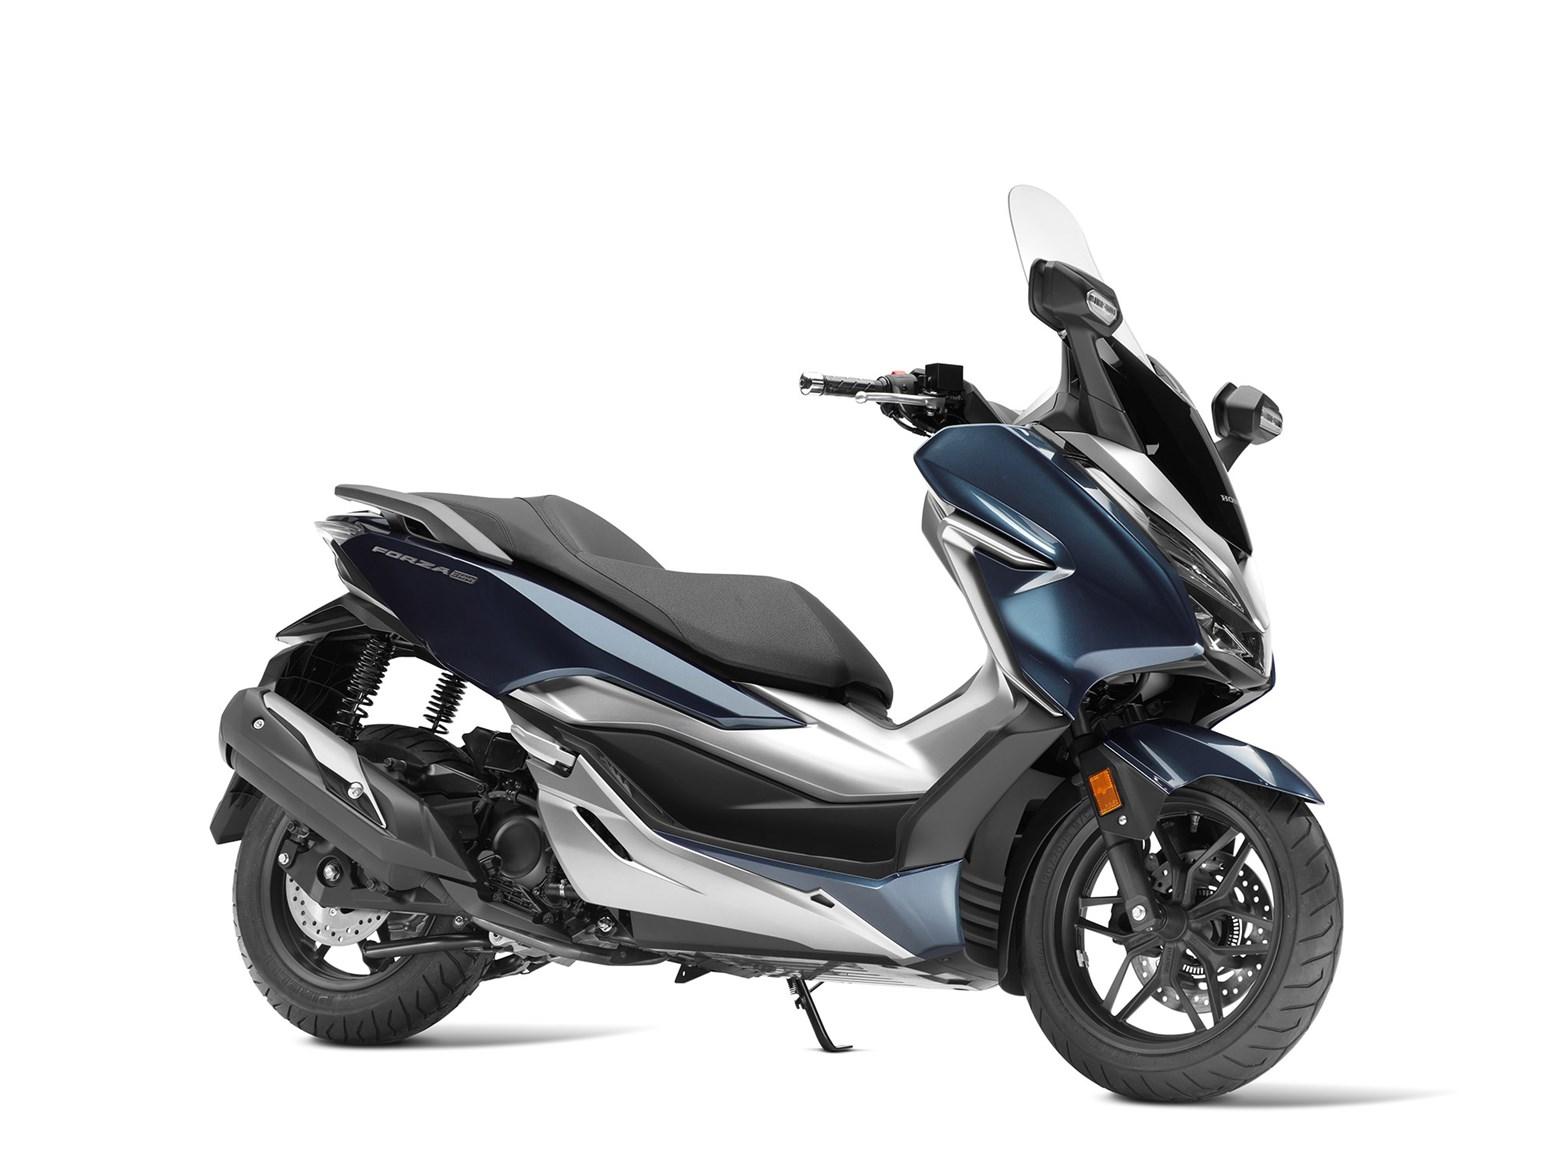 Honda-Forza-300-2018-Dai-ca-cua-PCX-150-anh-9